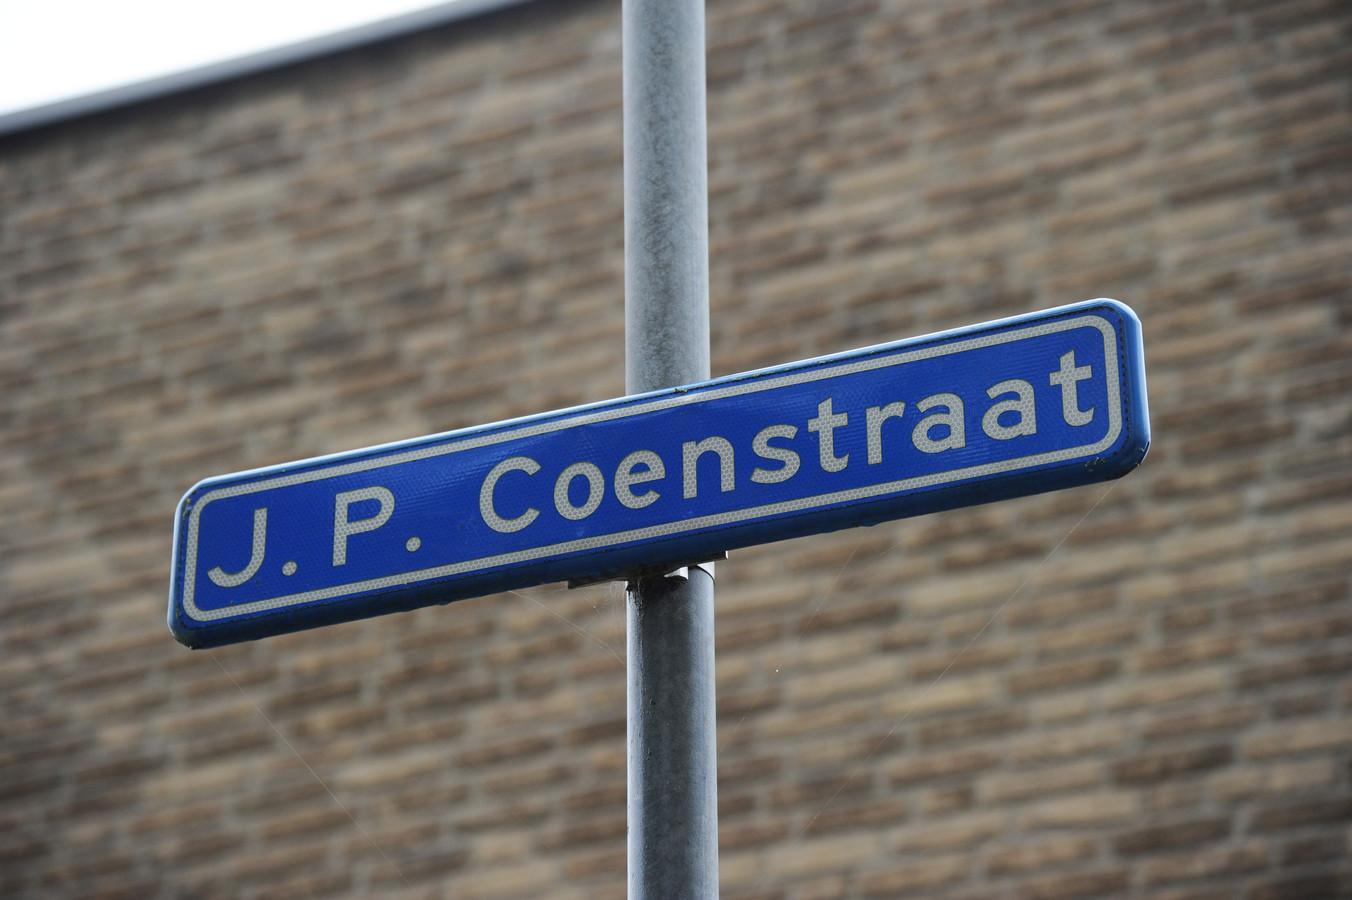 Activisten willen dat er extra uitleg komt bij straatnamen als J. P. Coenstraat , waarin de schaduwkant wordt vermeld van vernoemde zeehelden.